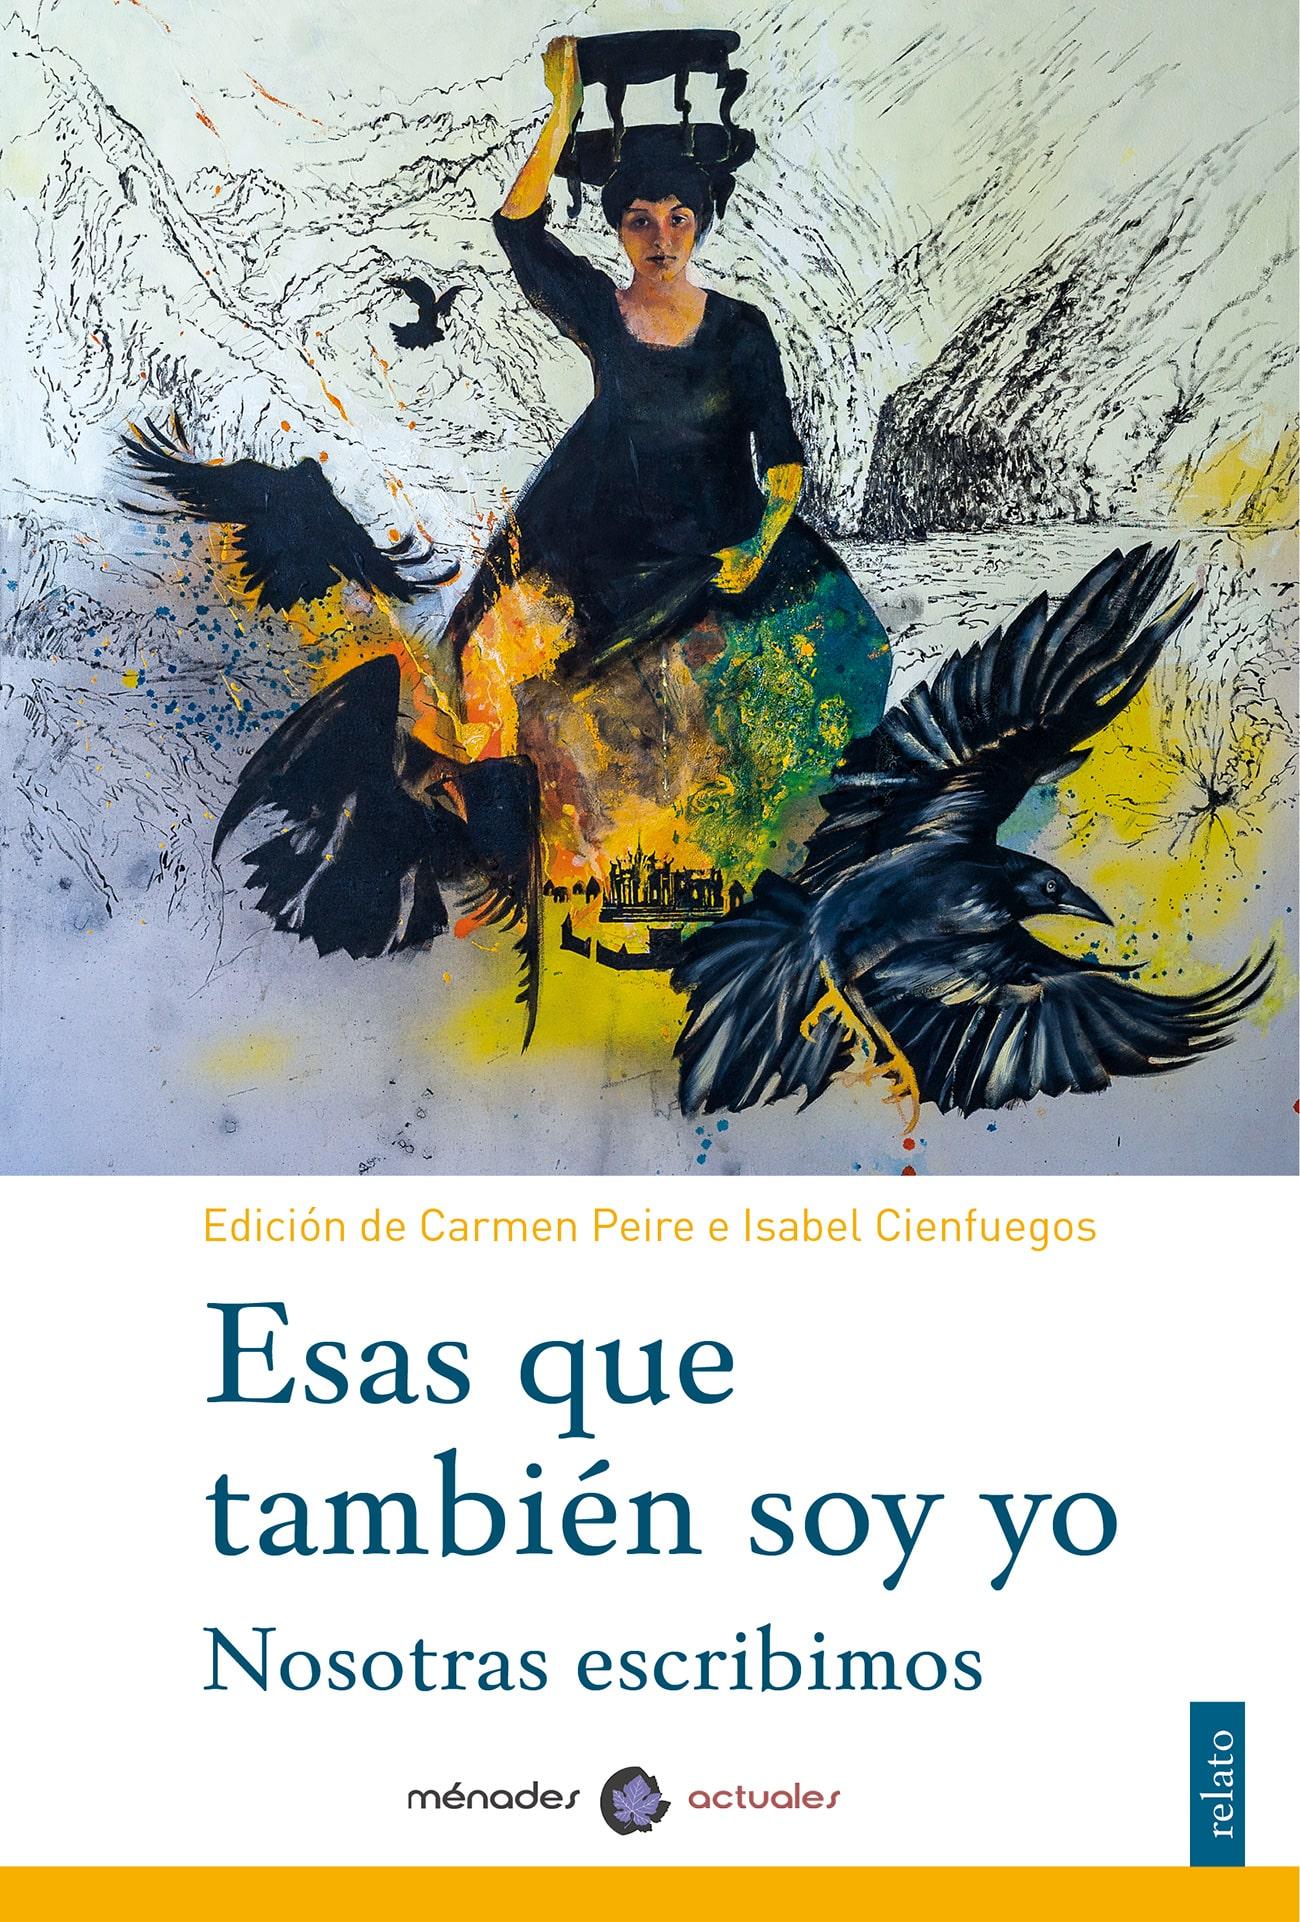 Esas que también soy yo - Paradoja - Isabel Gómez Liebre